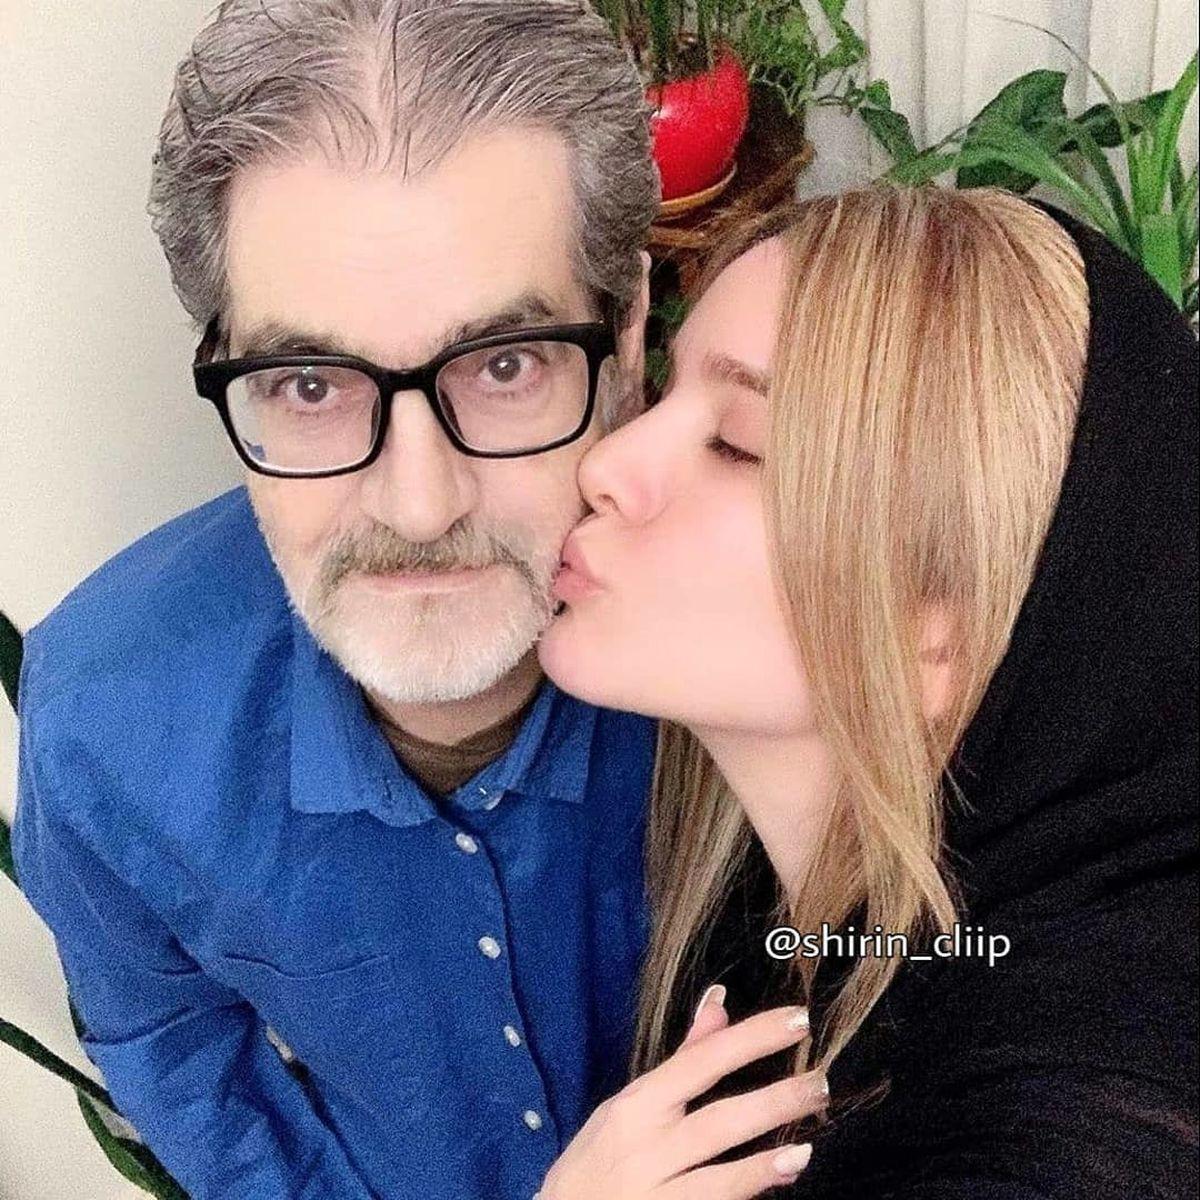 بوسه عاشقانه متین ستوده برو صورت یک مرد + عکس